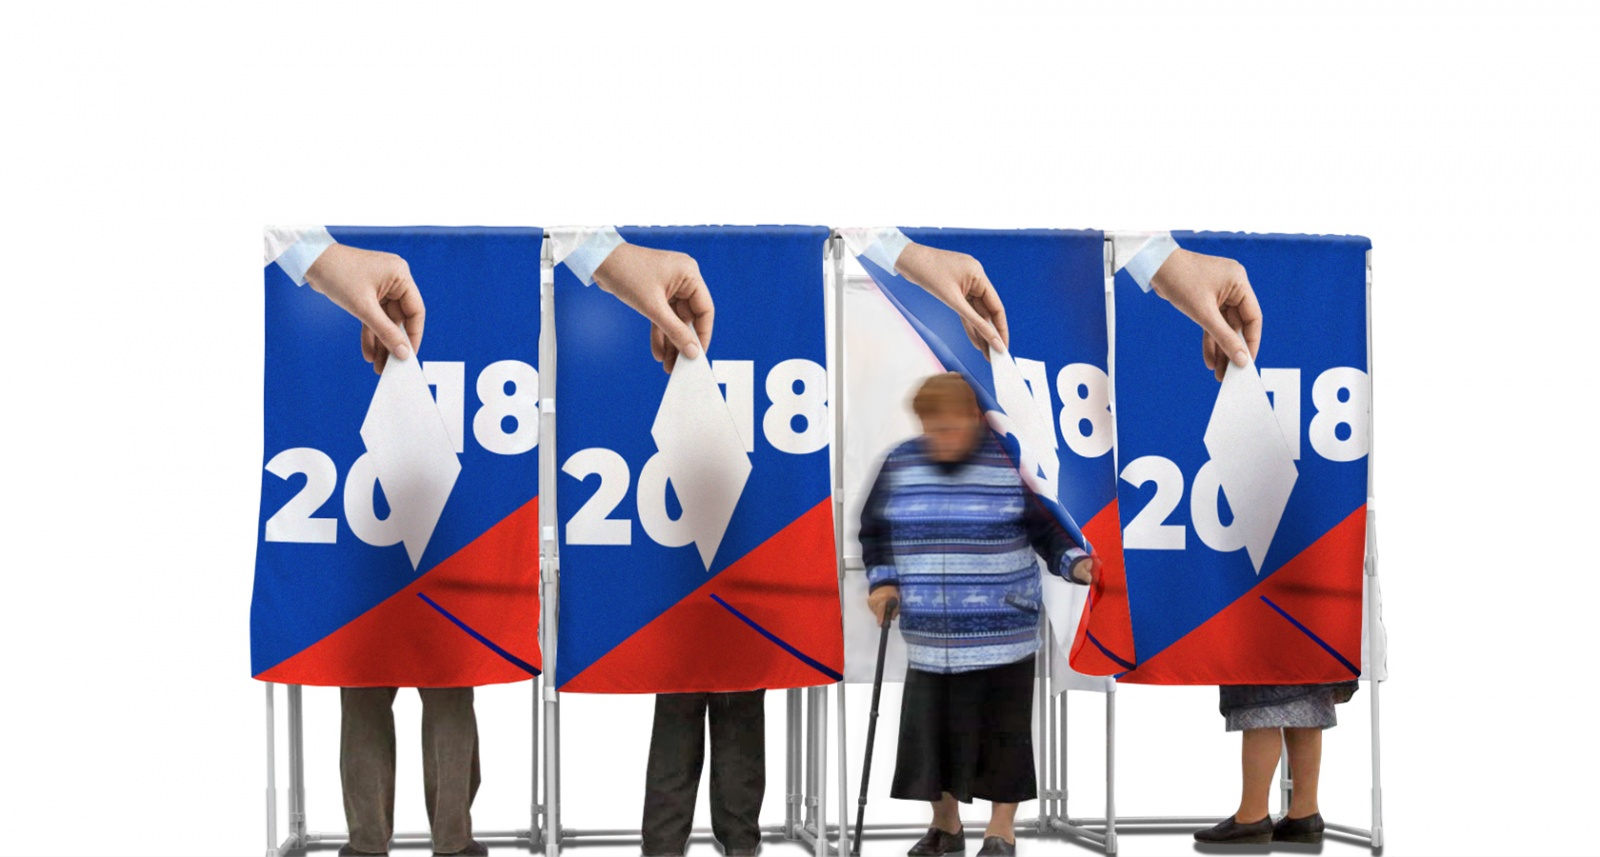 Логотип выборов за 37 миллионов VS. за 75 тысяч - 21